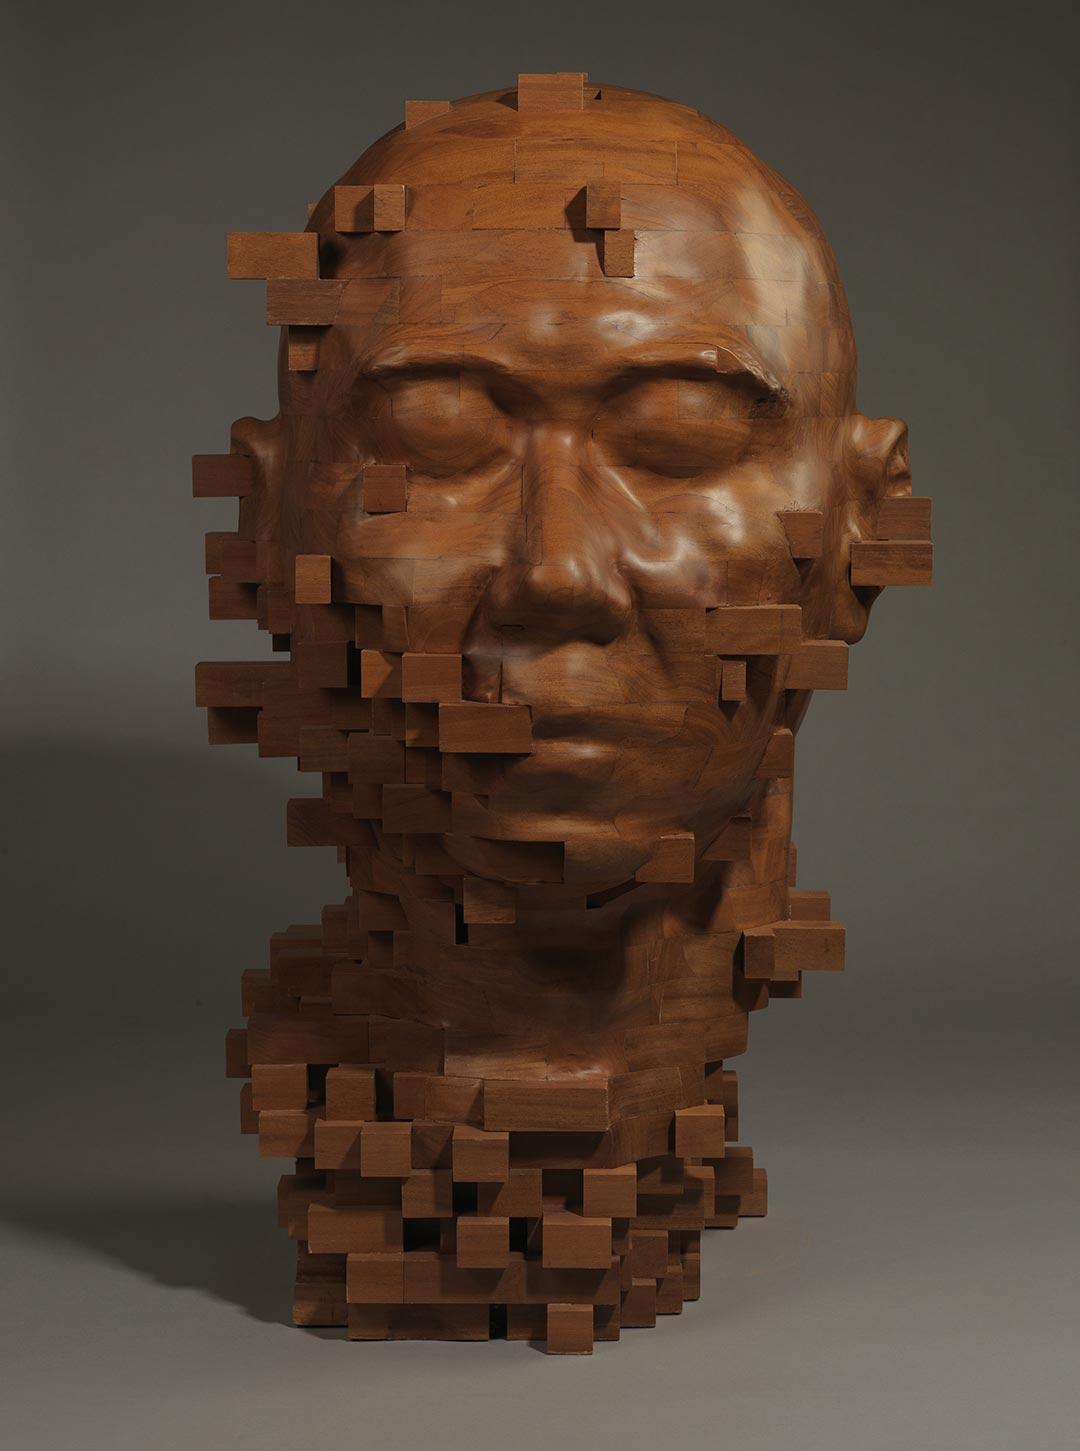 Taiiwanese Artist Hsu Tung Han Between Human And